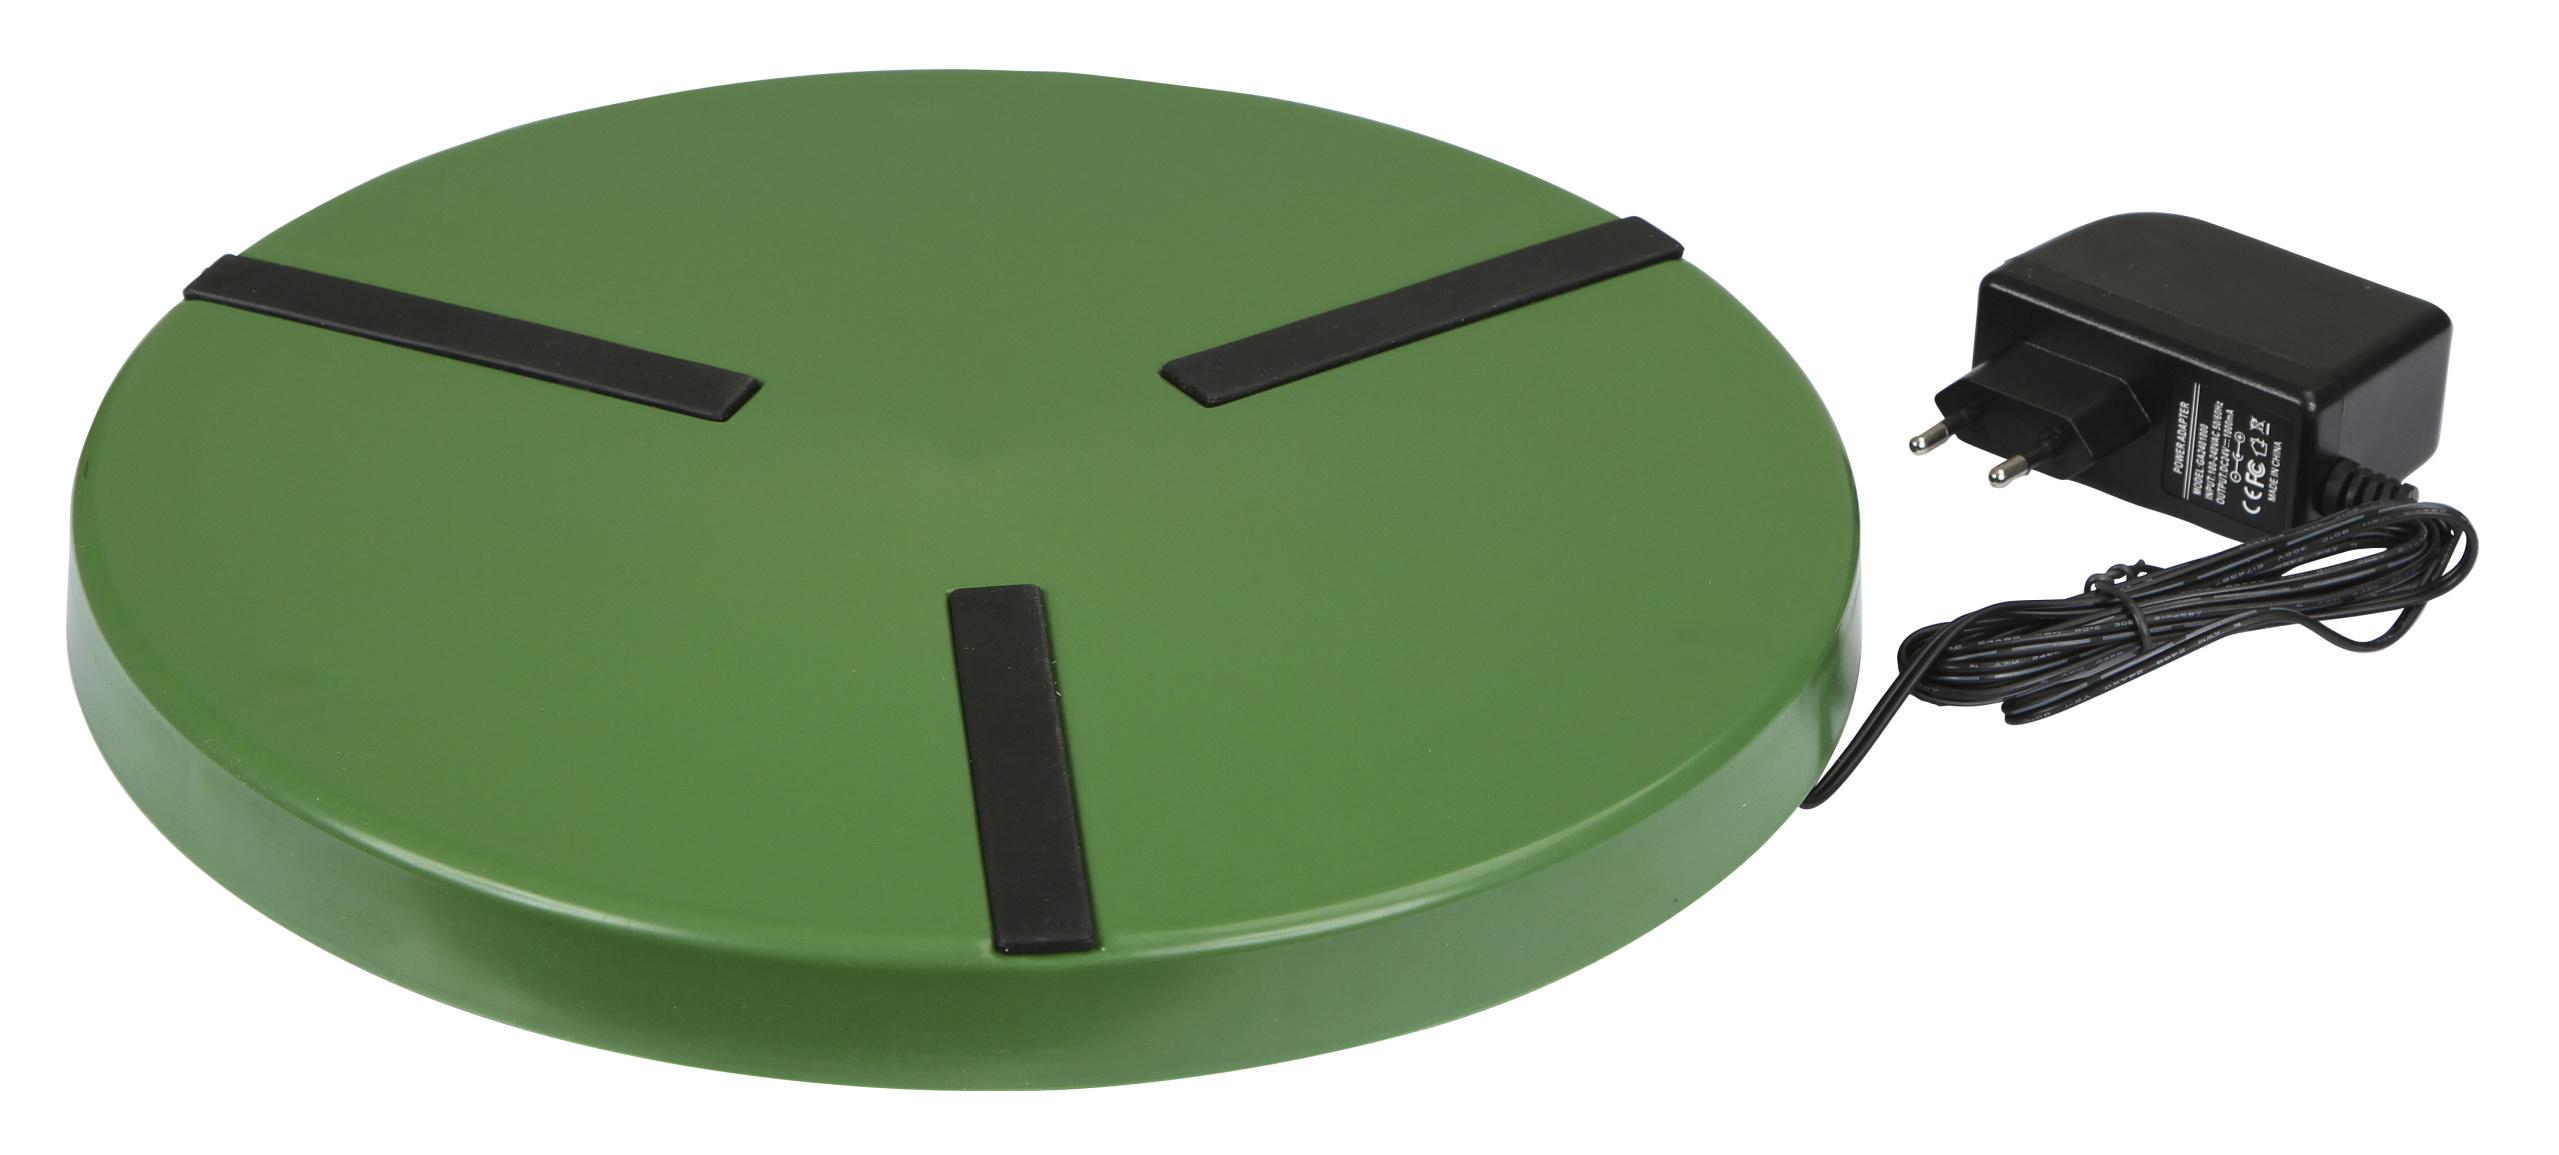 Heizplatte für Geflügeltränken Ø300mm, 24V, 22W, mit Netzteil